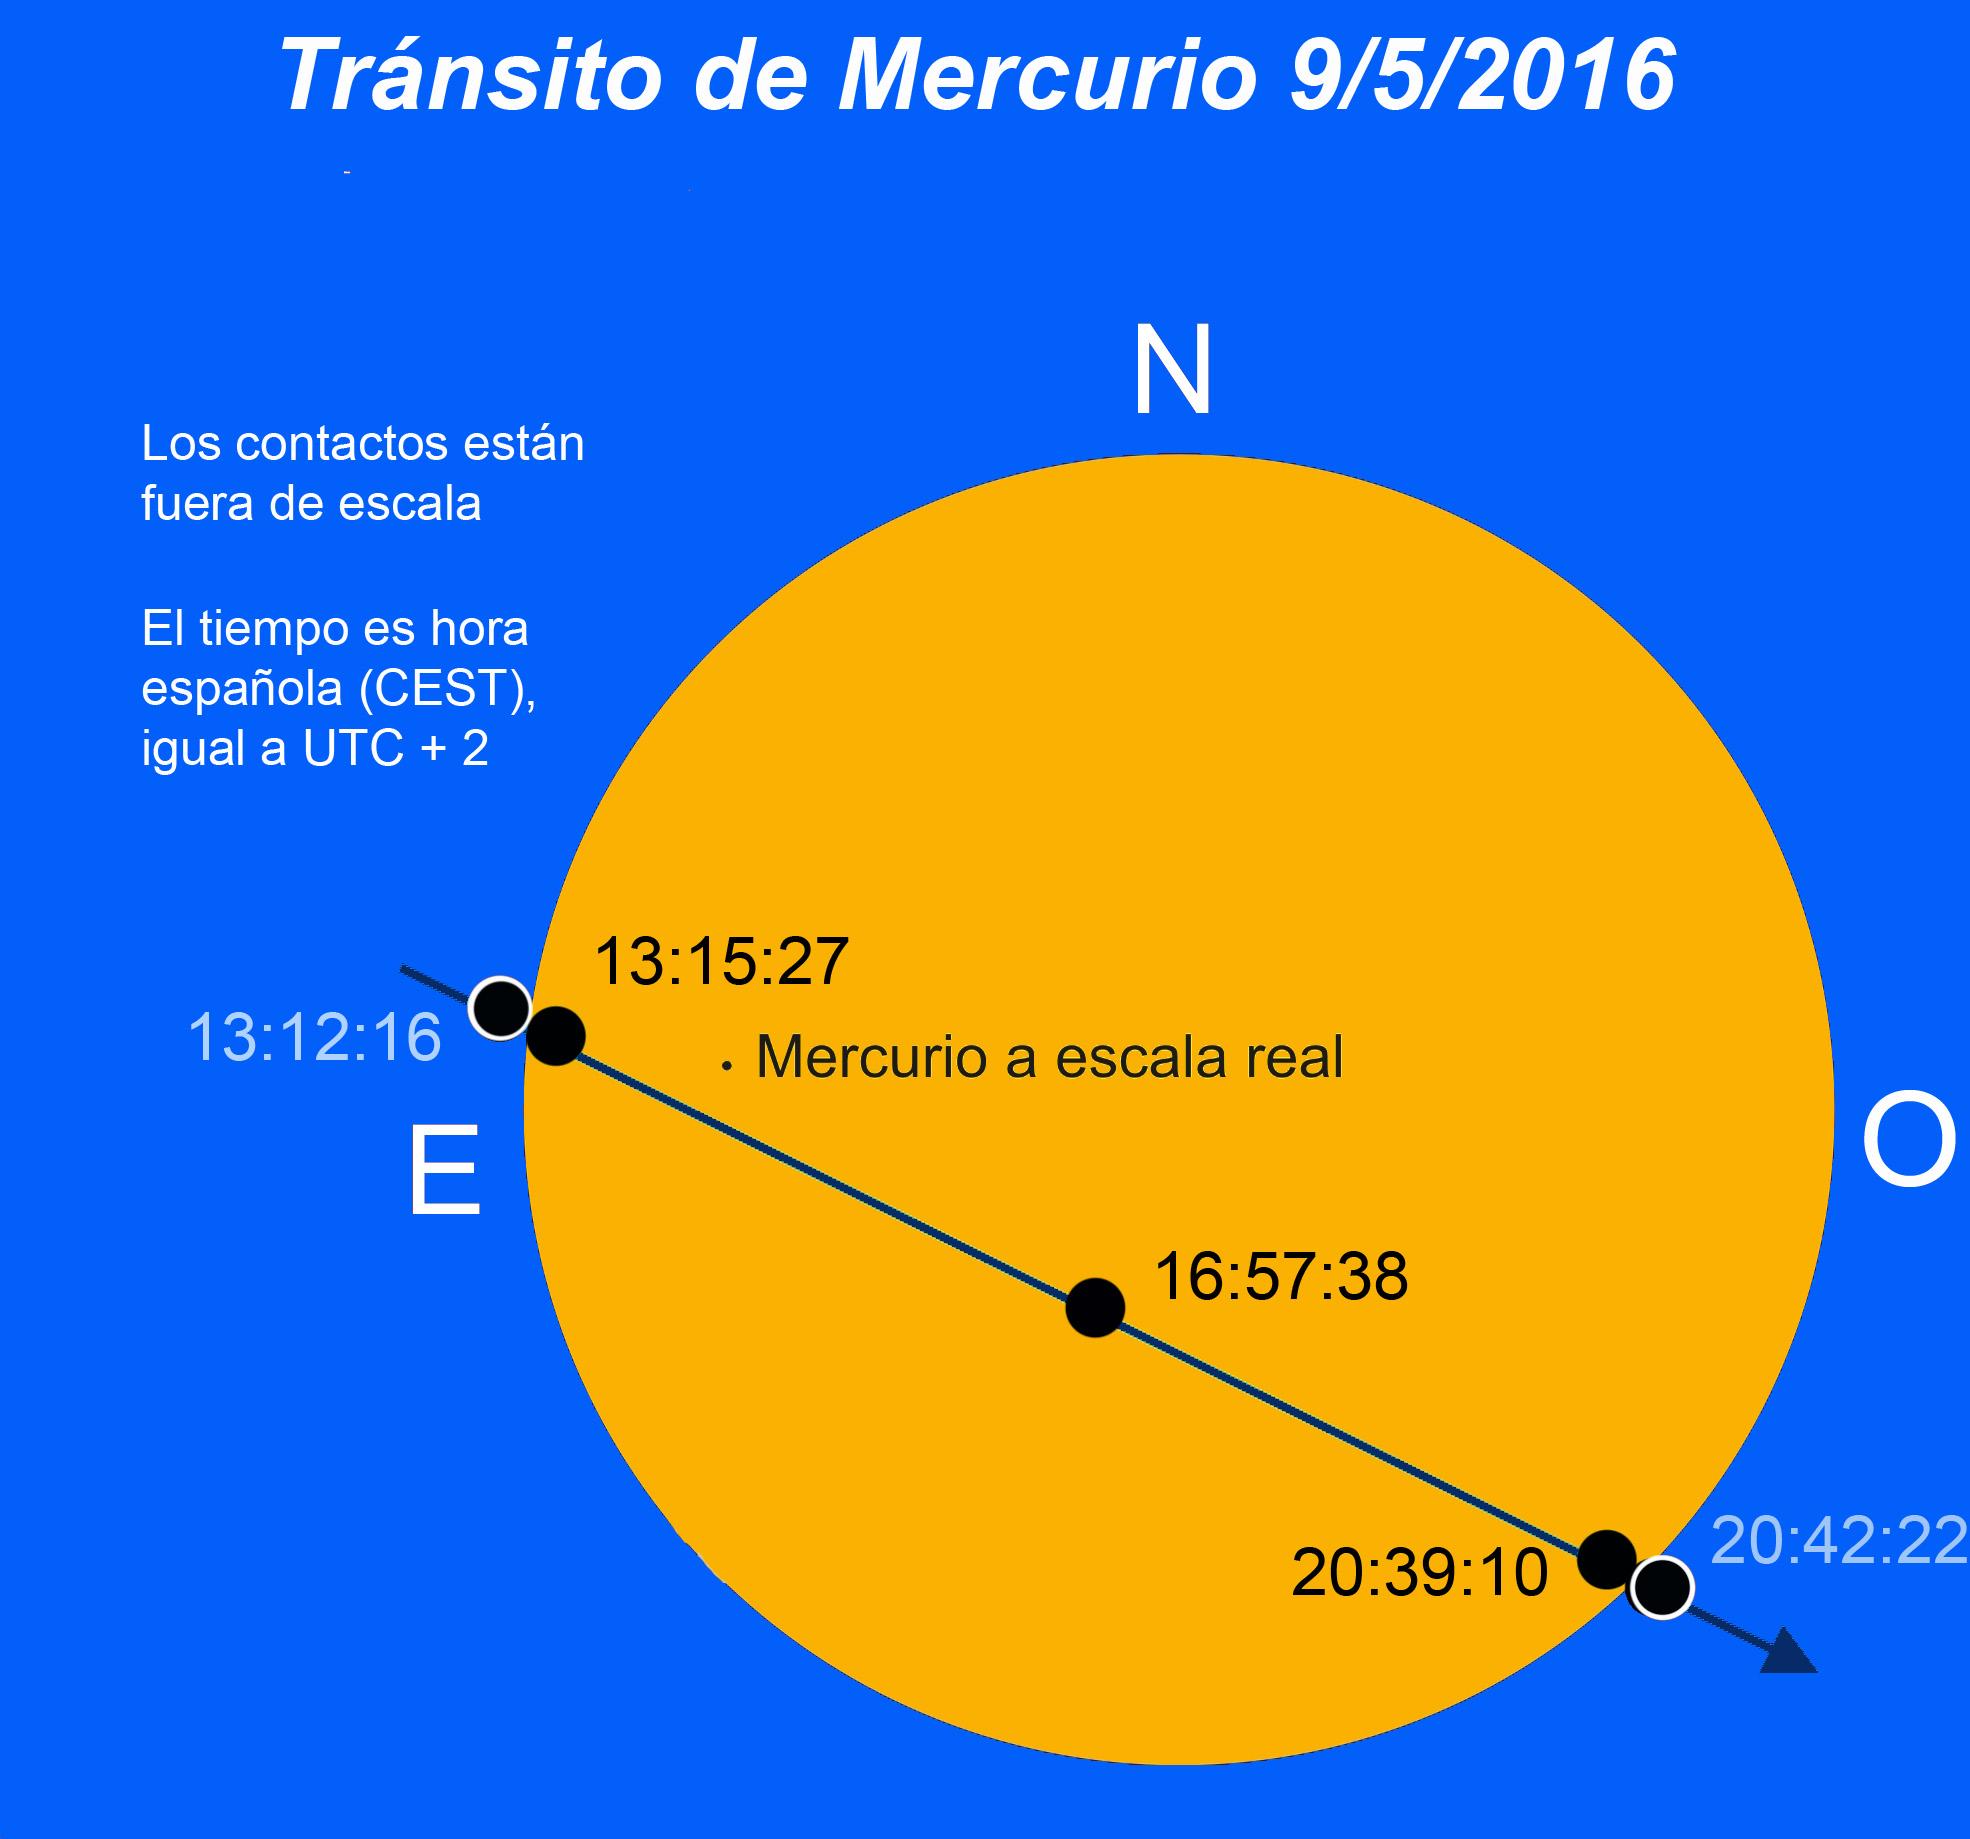 transito-mercurio-dibujo-2016